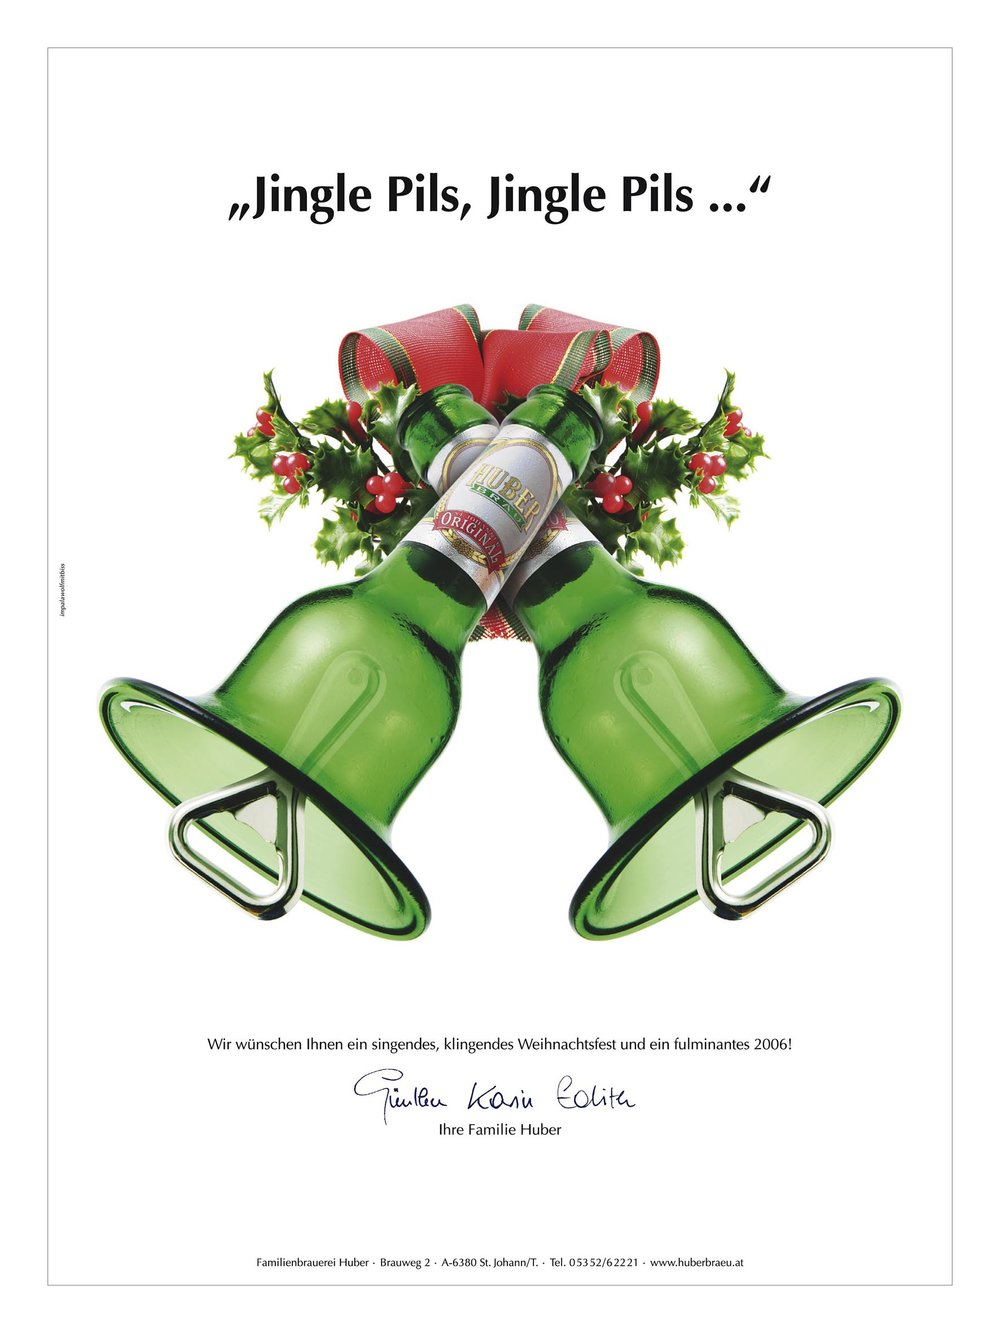 2006:Tirolissimo für beste Werbekampagne     Kunde: Huber Bräu, Agentur:IWMB